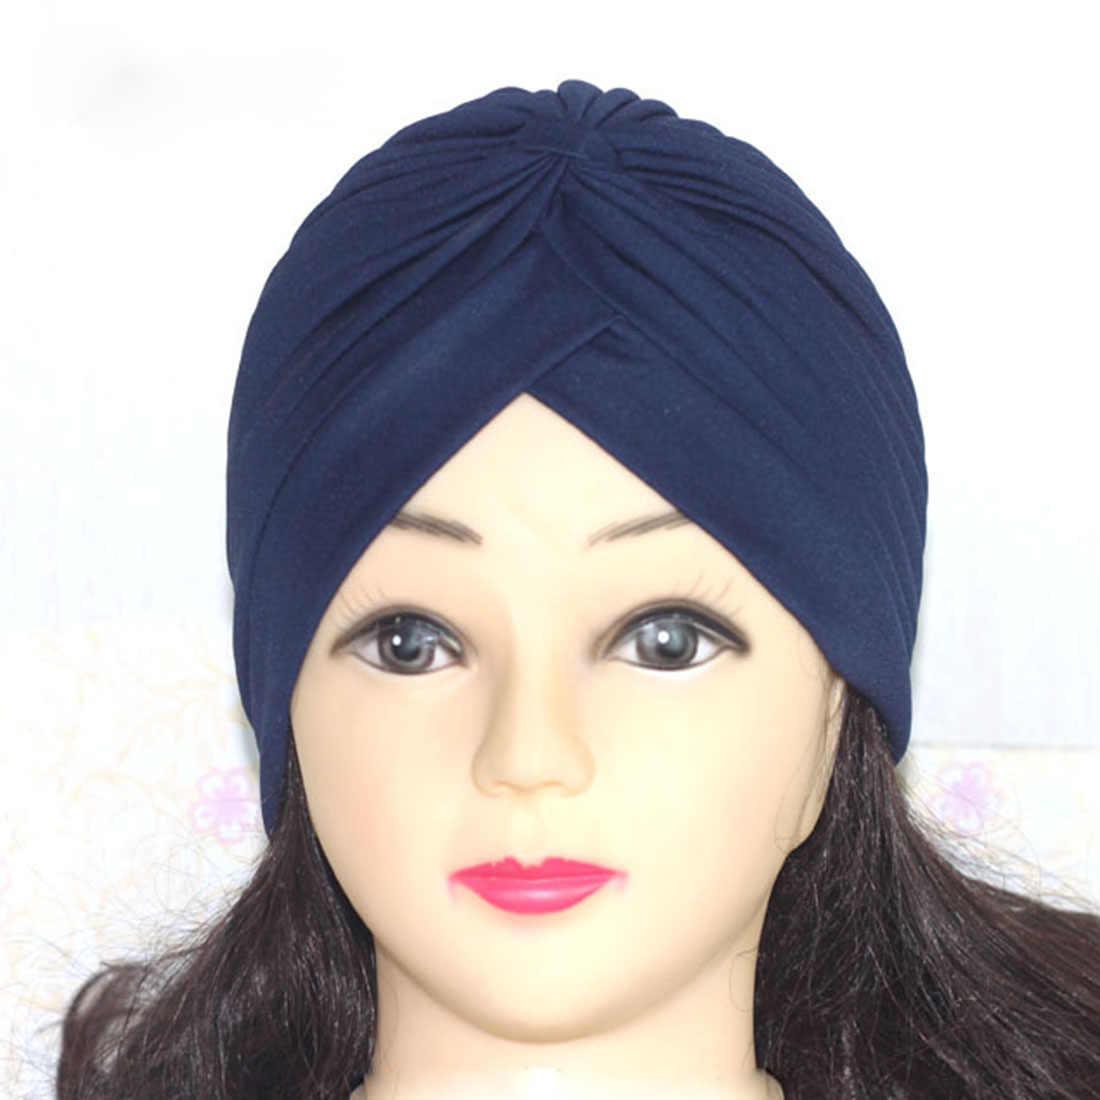 Kadın Erkek Sıkı Türban Başkanı Wrap Band Kemo Bandana Pileli Hint Kap Skullies Beanies Namaz Yeni Şapkalar Etnik 23 Renk